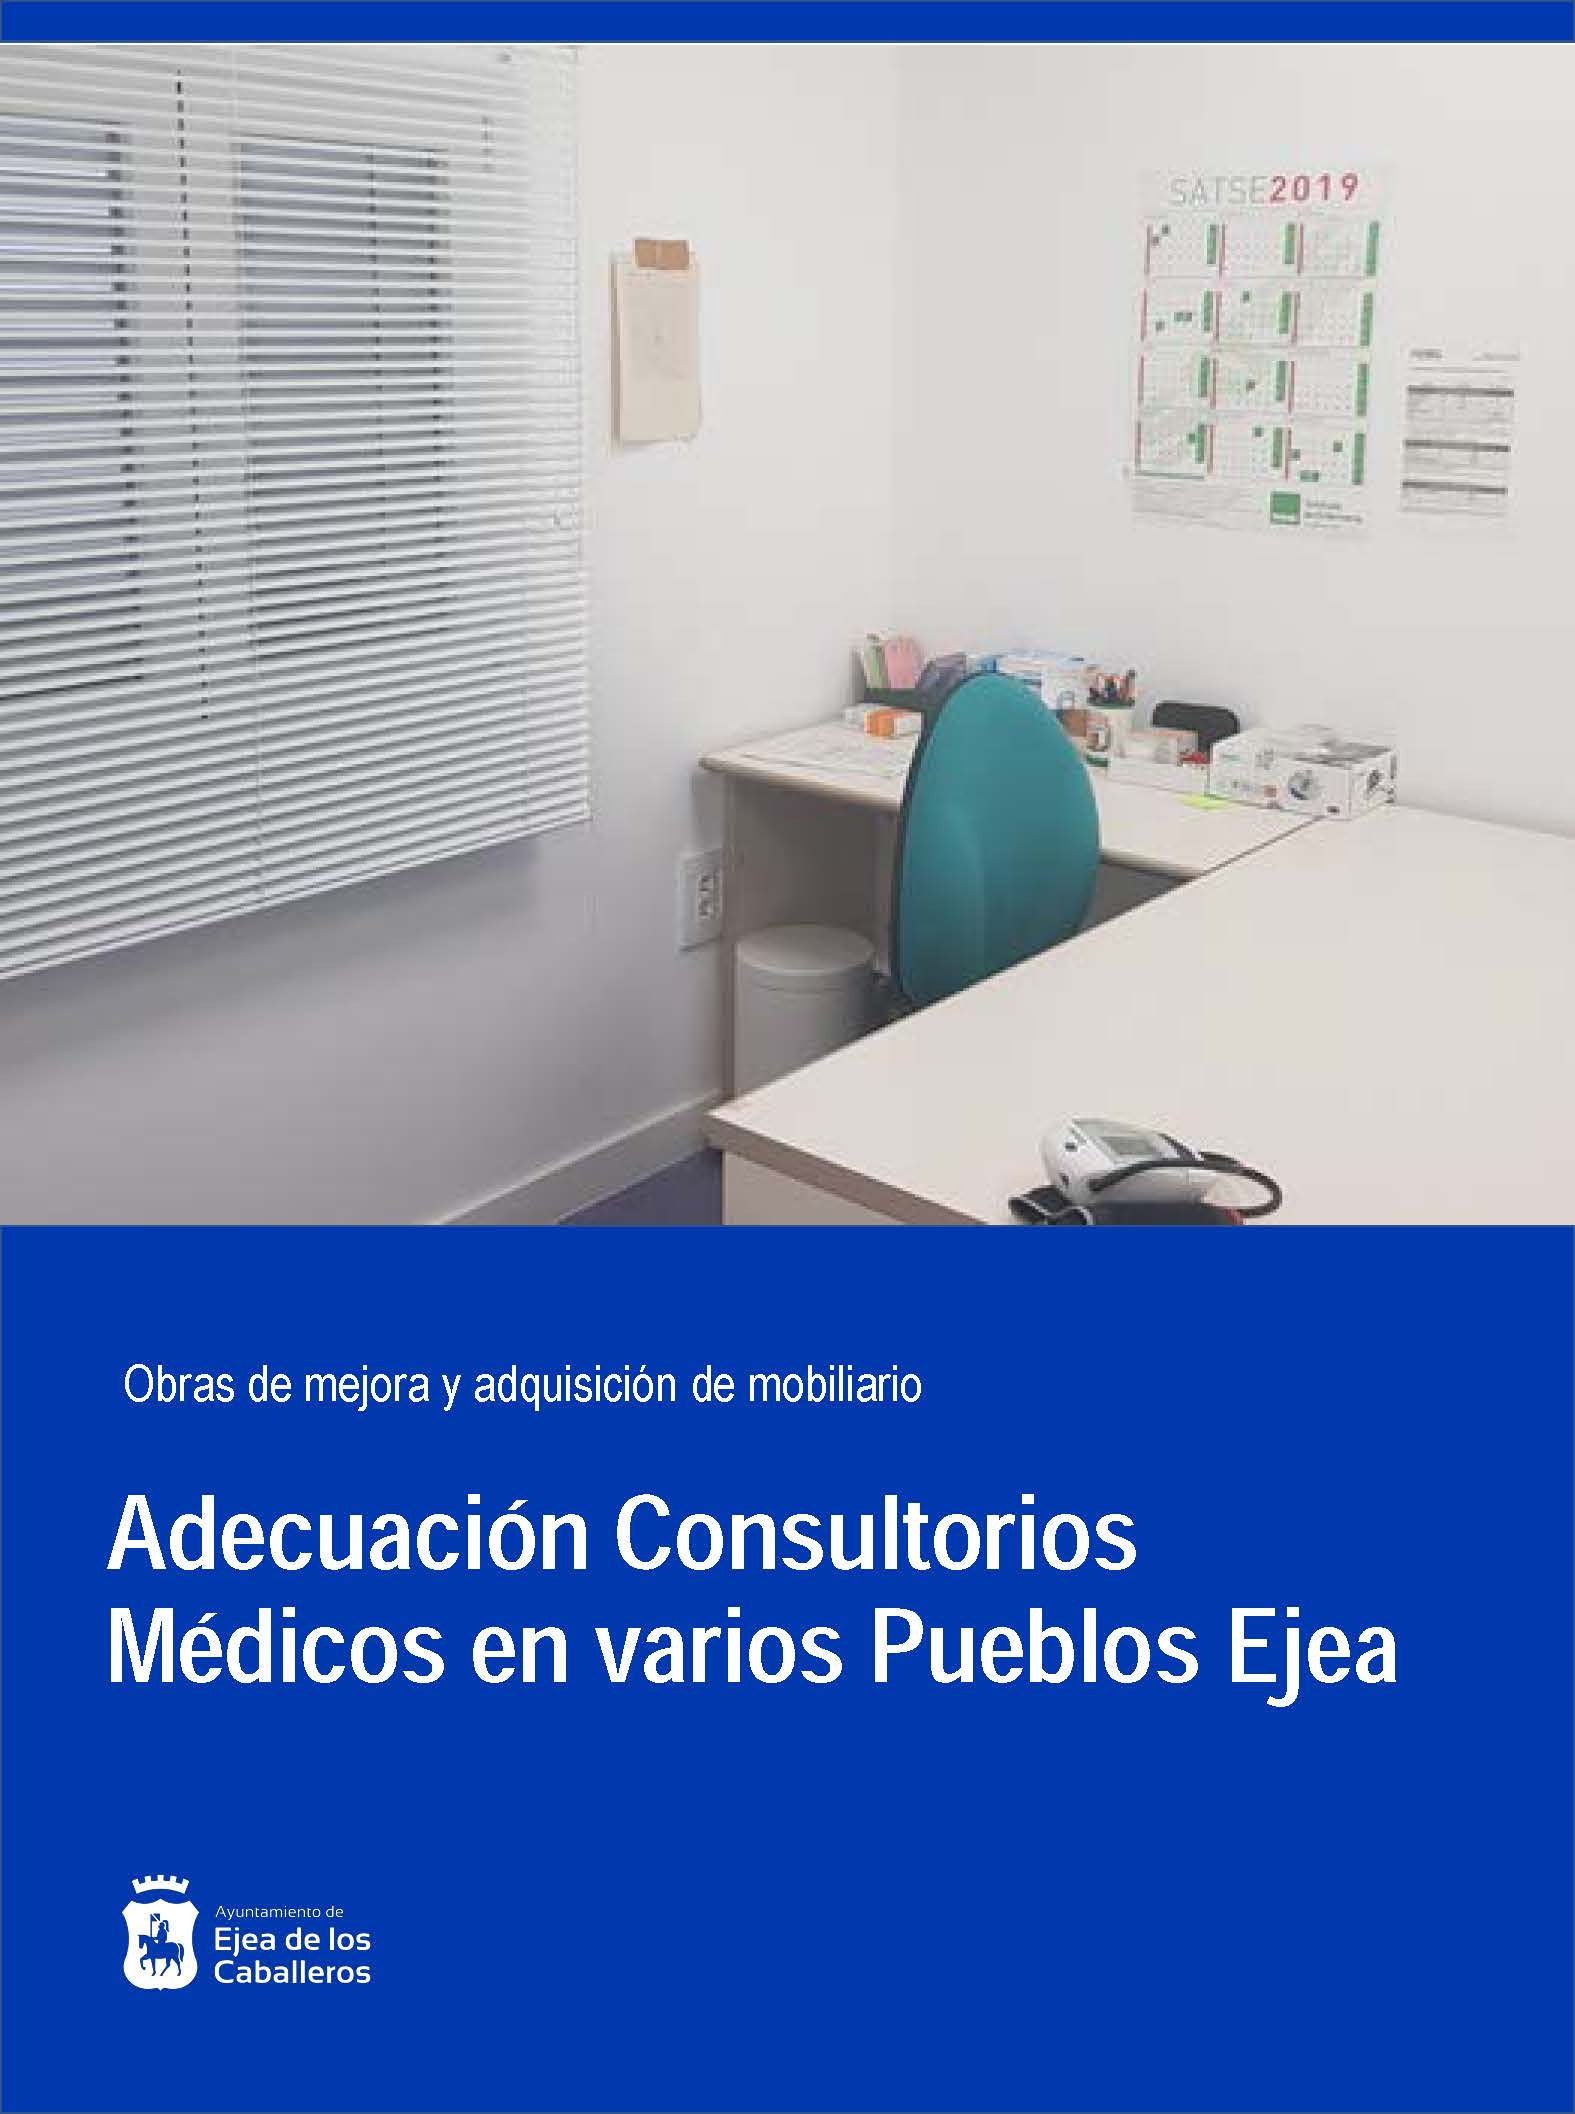 Acondicionamiento de los consultorios médicos de los Pueblos de Ejea